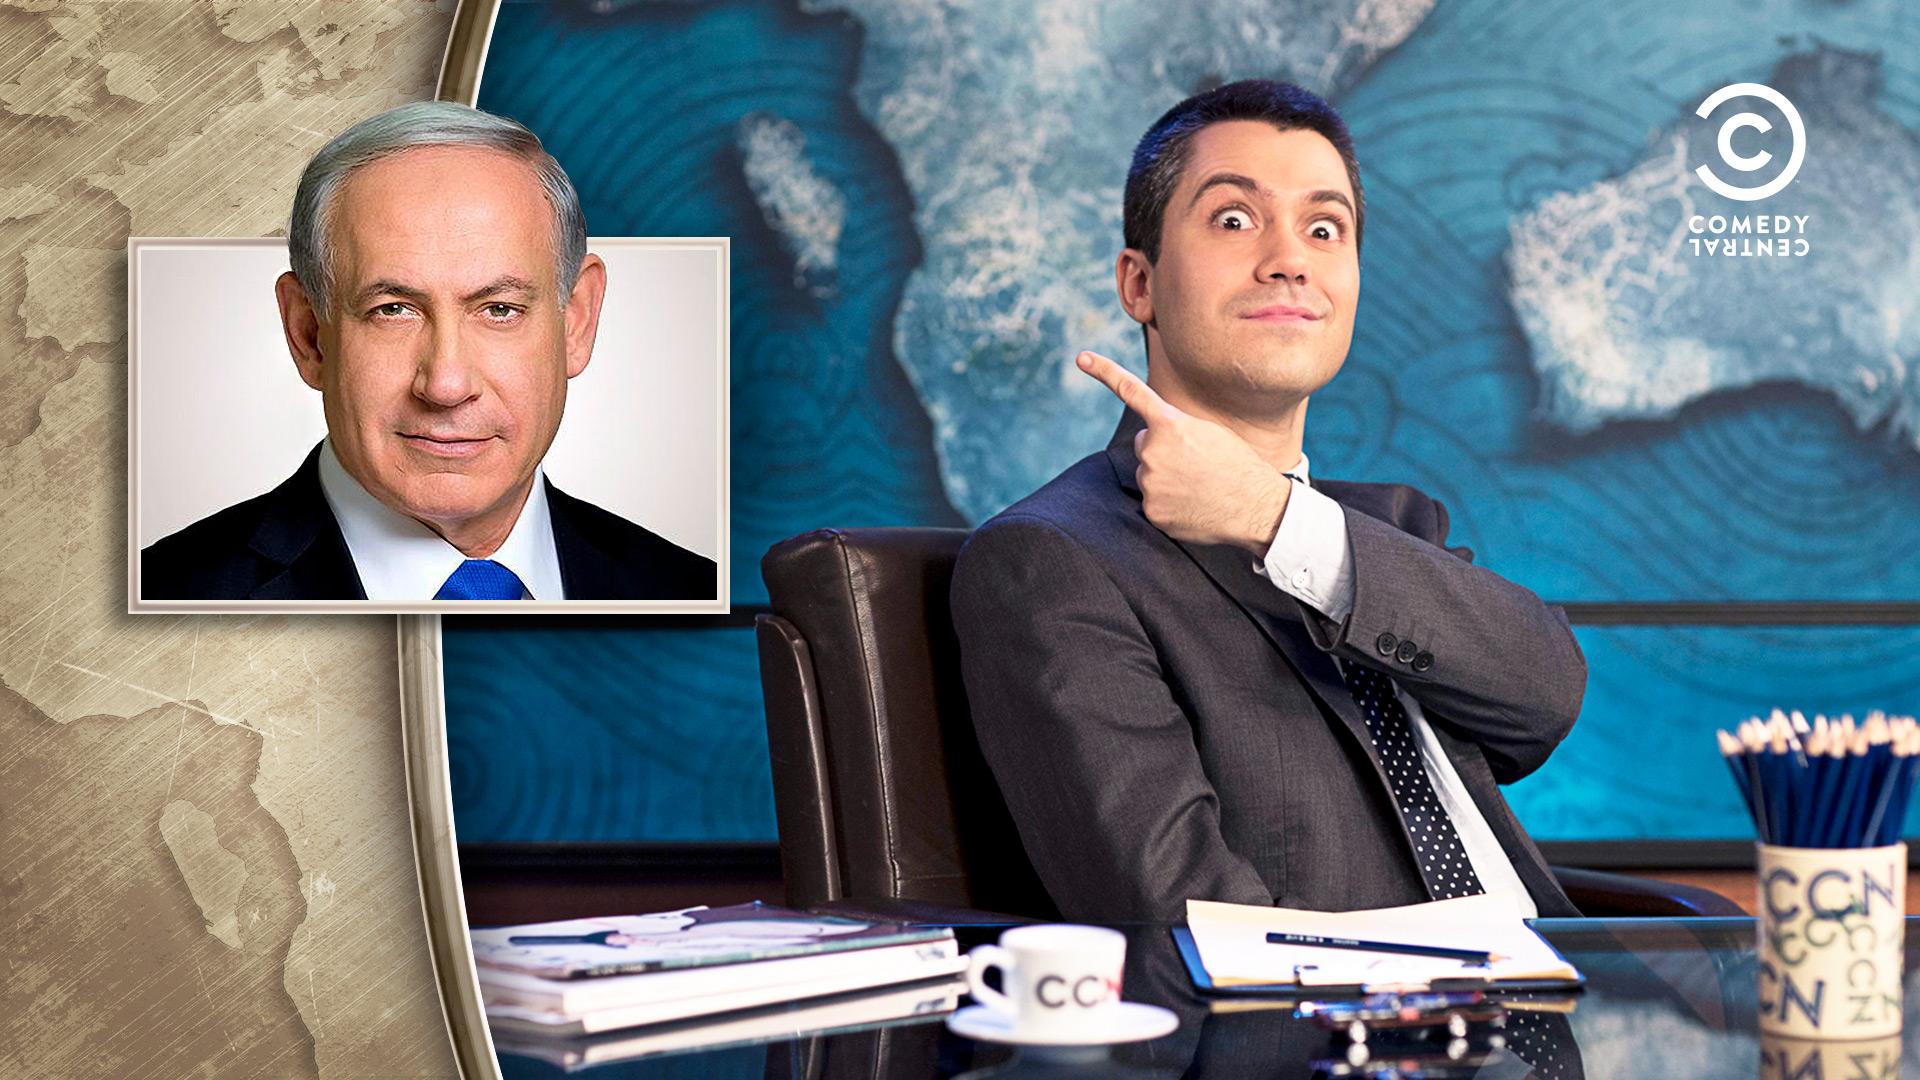 Contributo grafico del programma televisivo CCN Comedy Central News di Saverio Raimondo